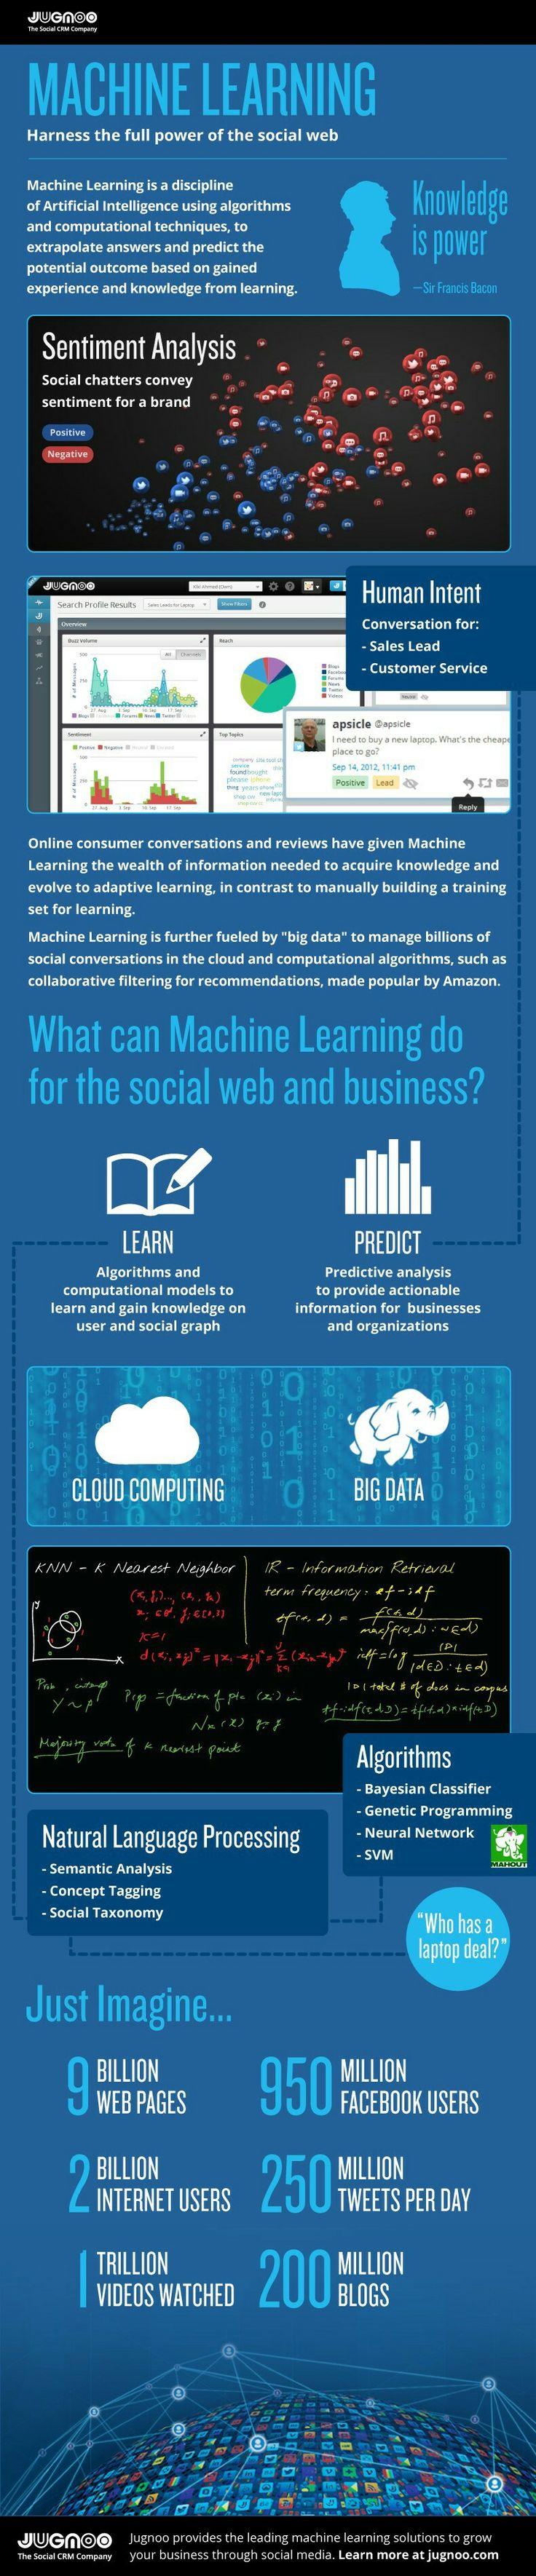 #MachineLearning